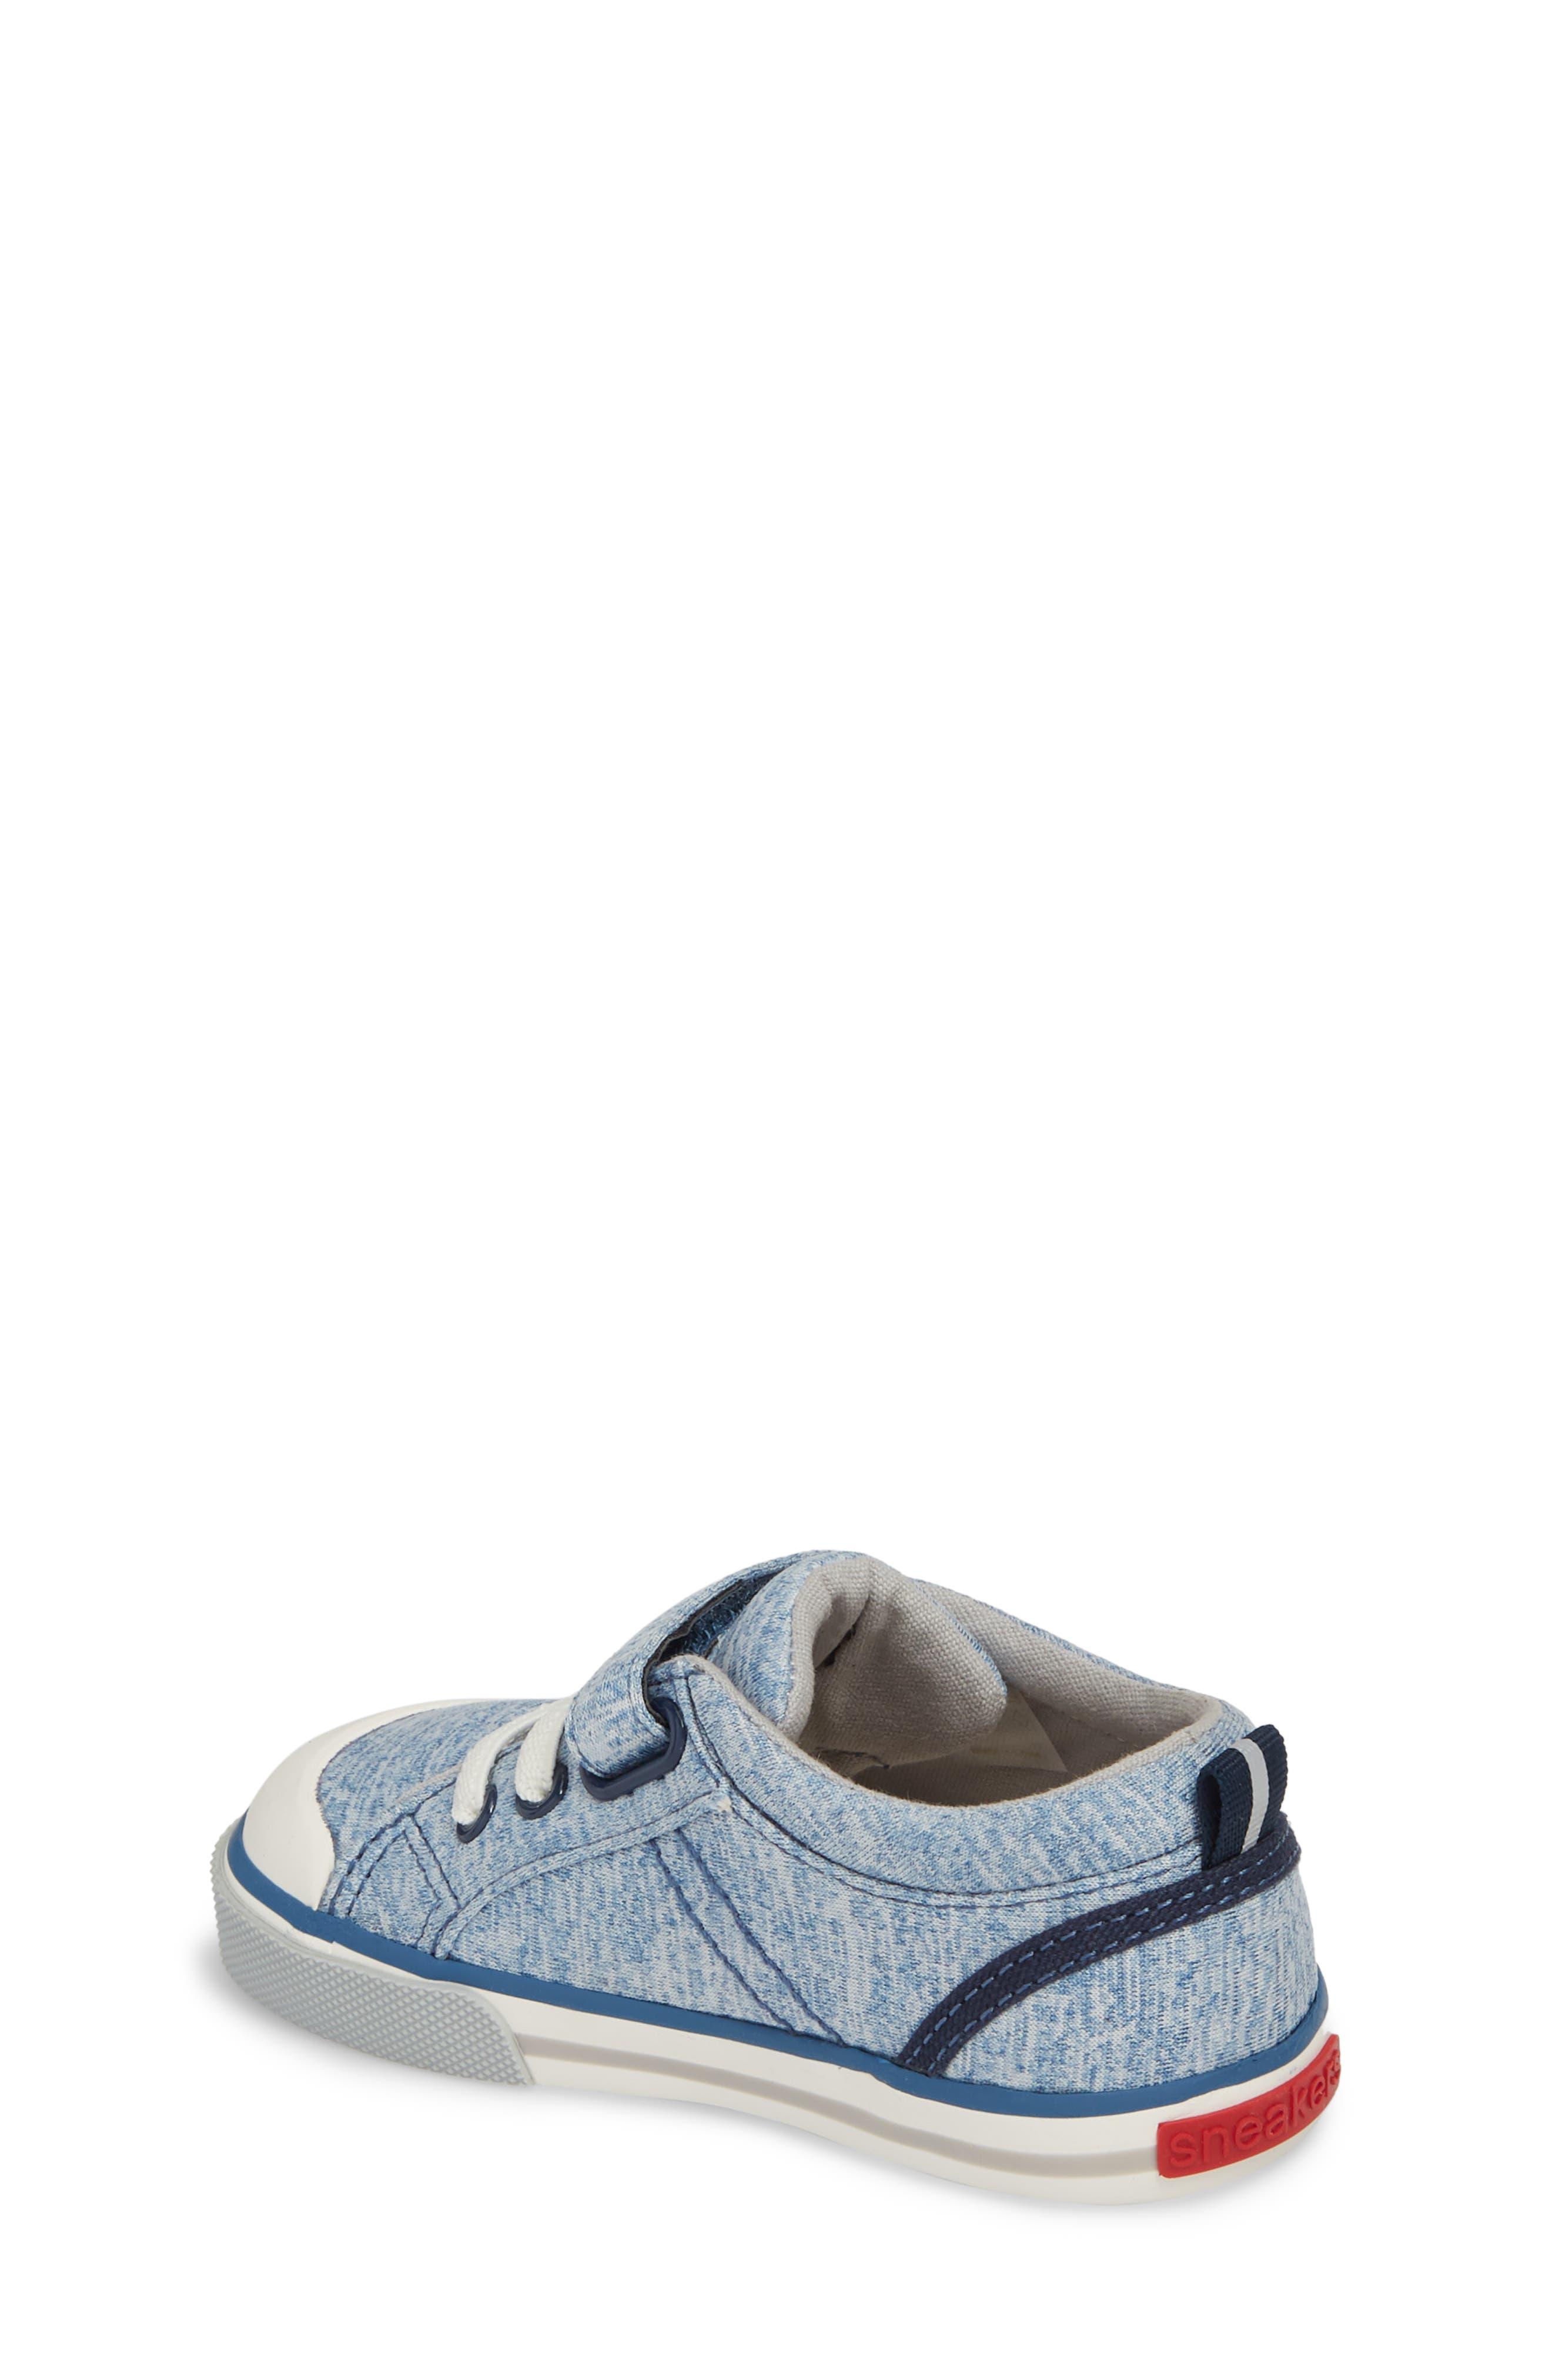 Tanner Sneaker,                             Alternate thumbnail 2, color,                             400